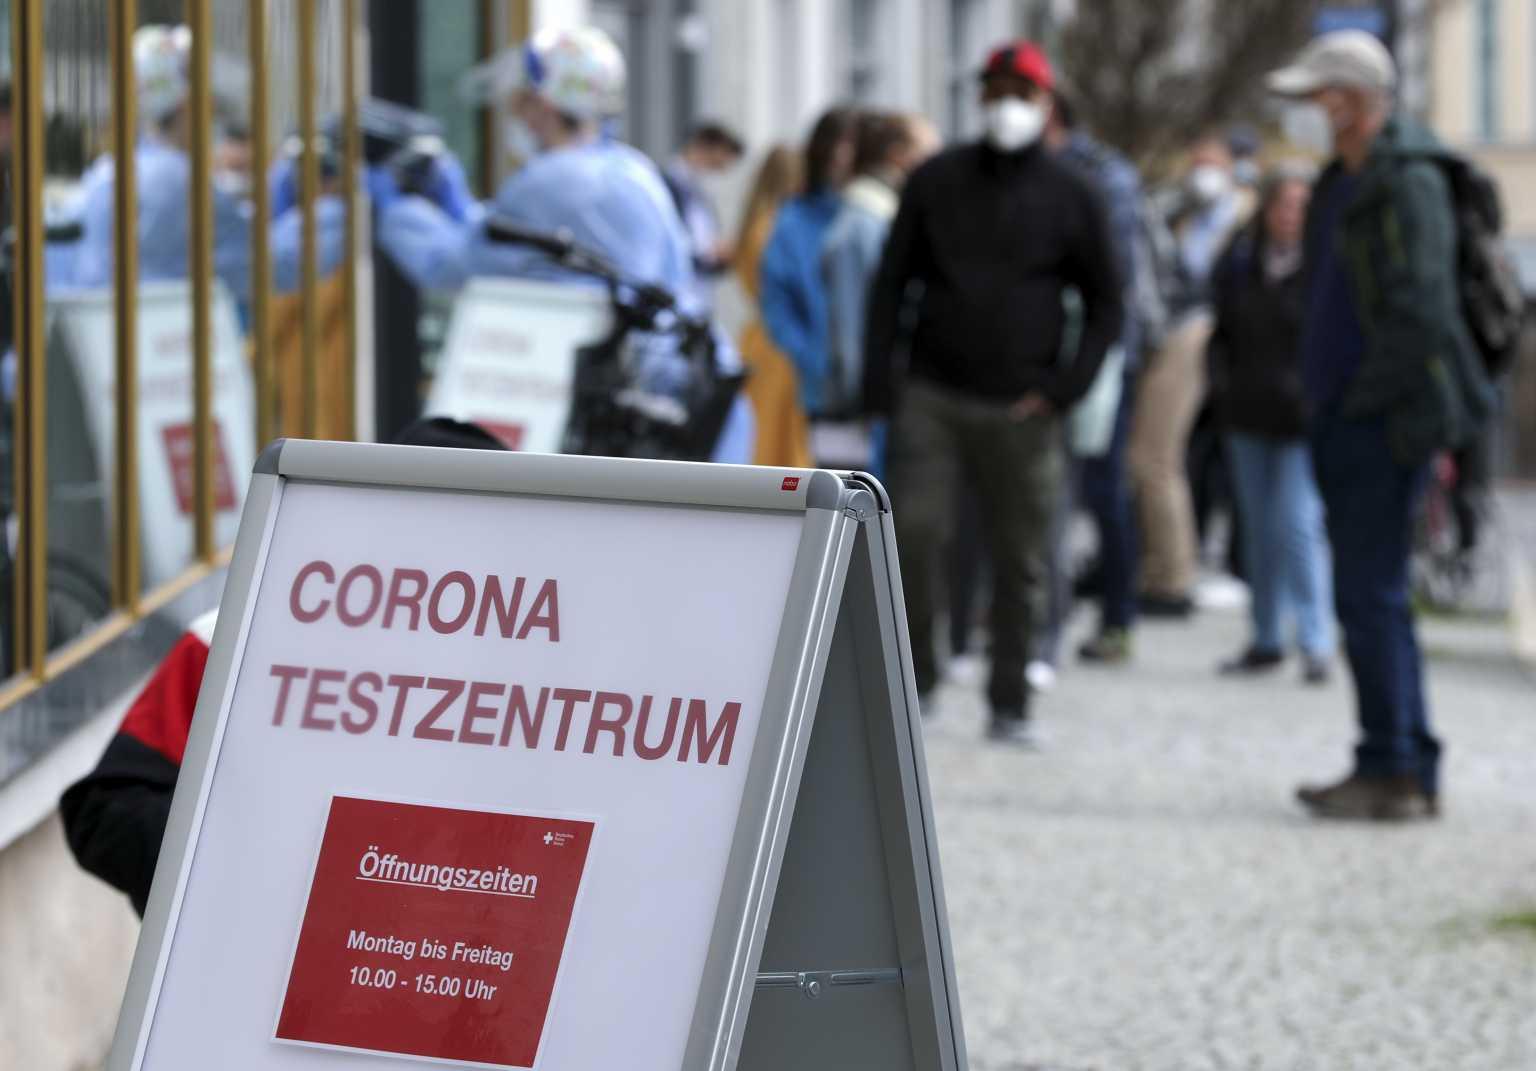 Κορονοϊός: Ξεπέρασαν το ένα δισεκατομμύριο οι εμβολιασμοί σε όλο τον κόσμο